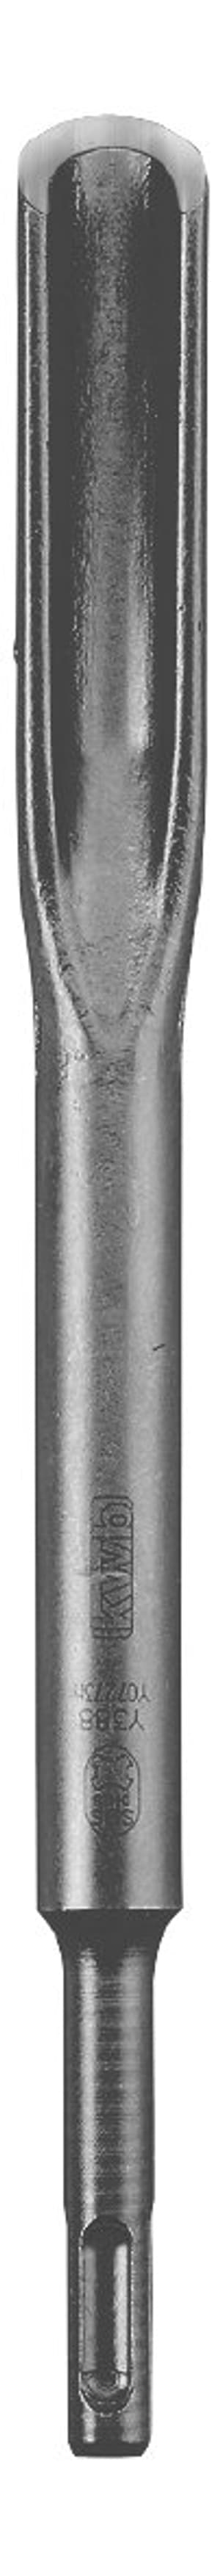 SDS plus Kanalmeissel, 250 mm